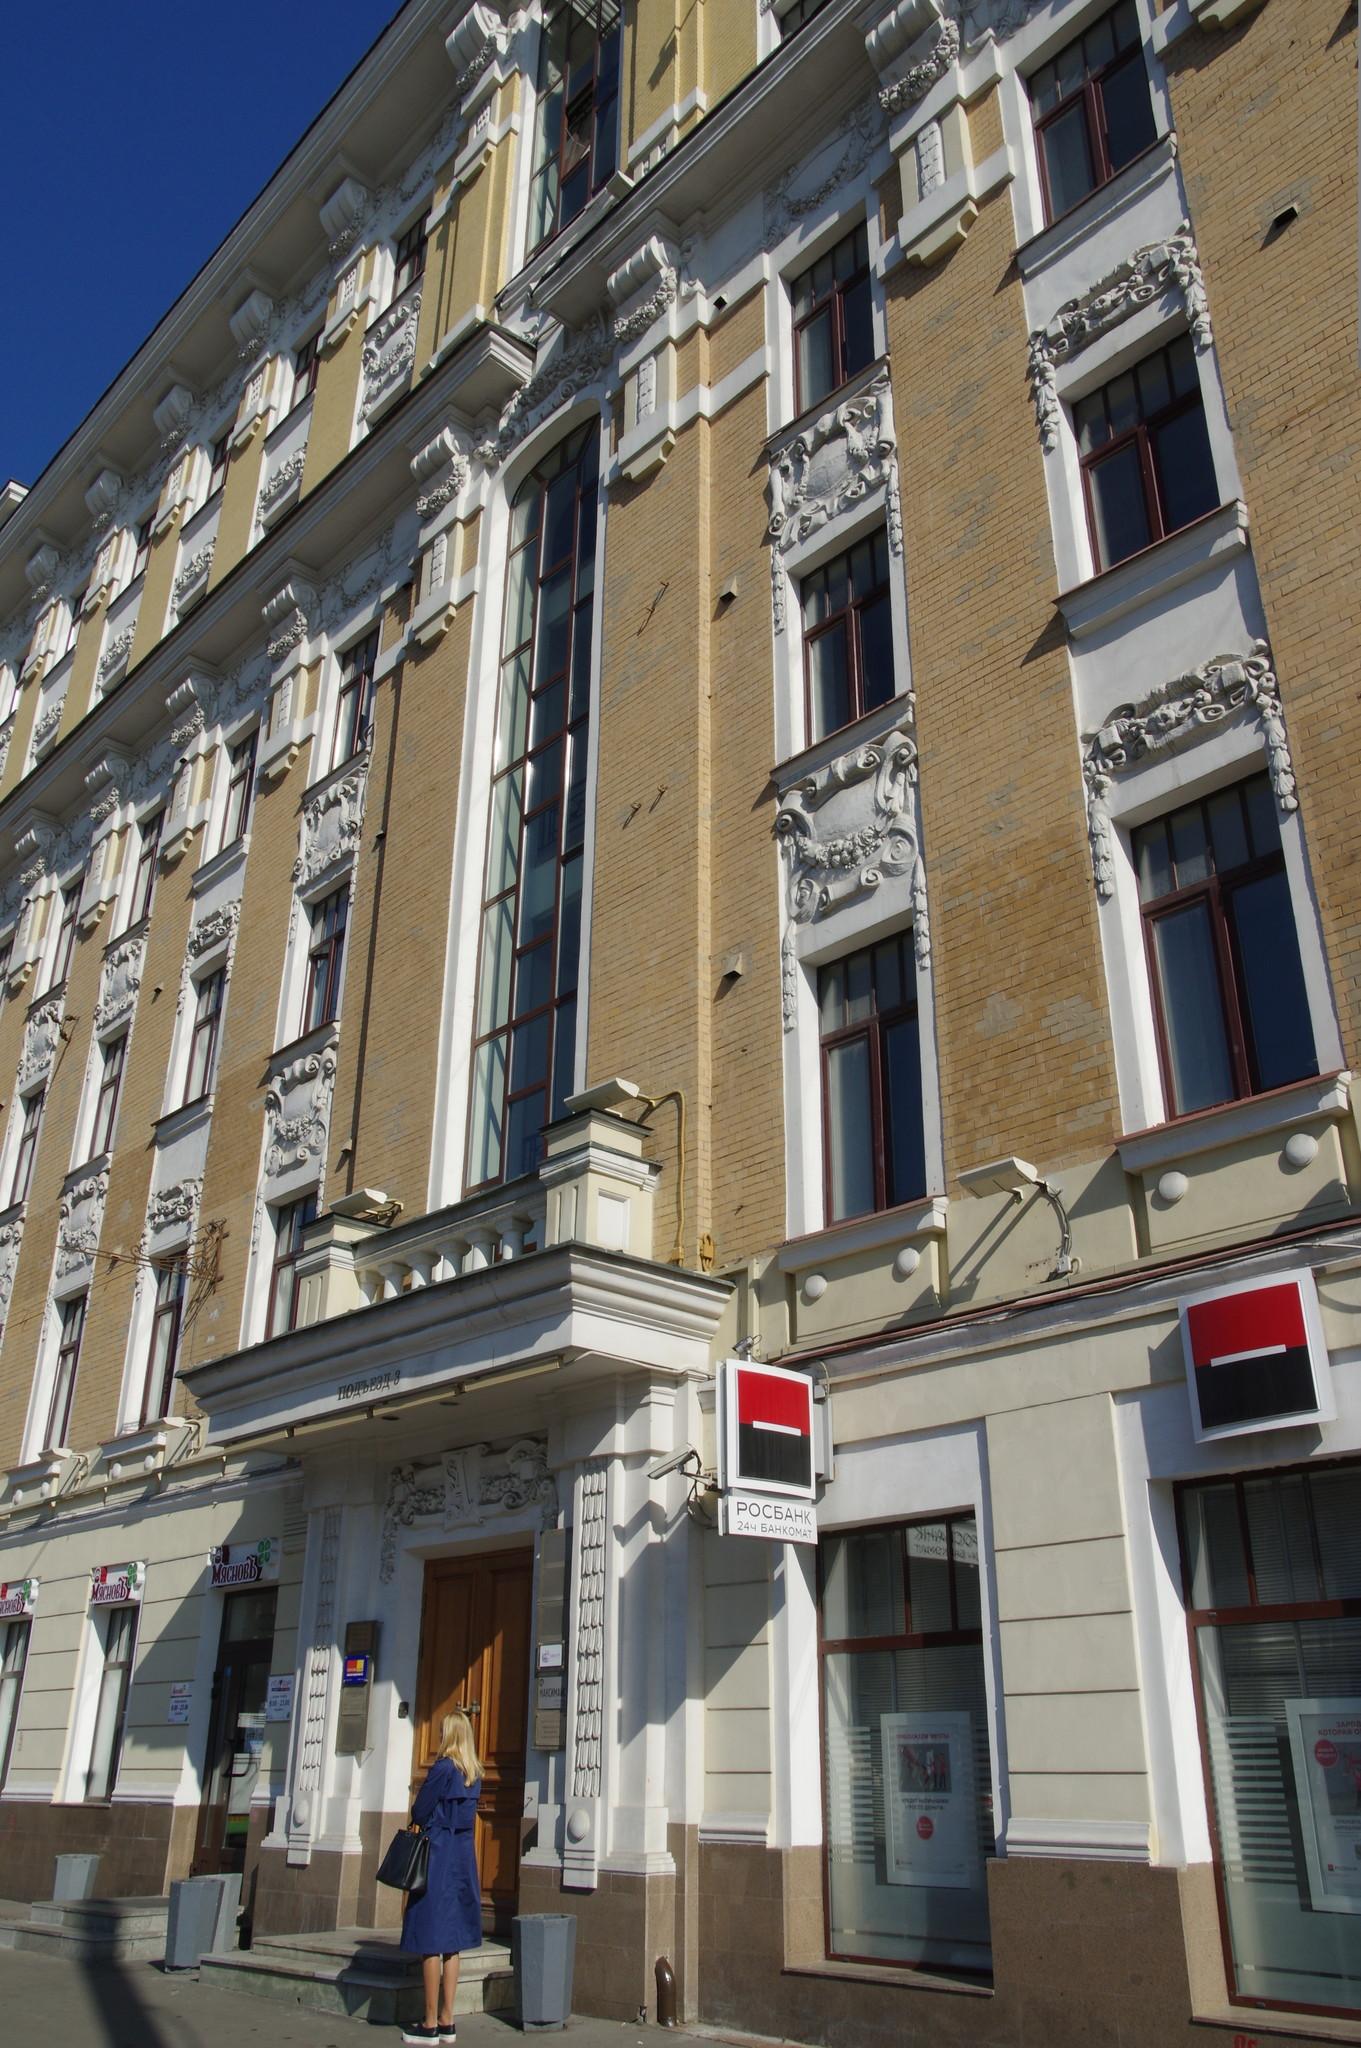 Дополнительный офис «Пречистенка» Росбанка в Москве (Пречистенка, дом 40/2, строение 1)